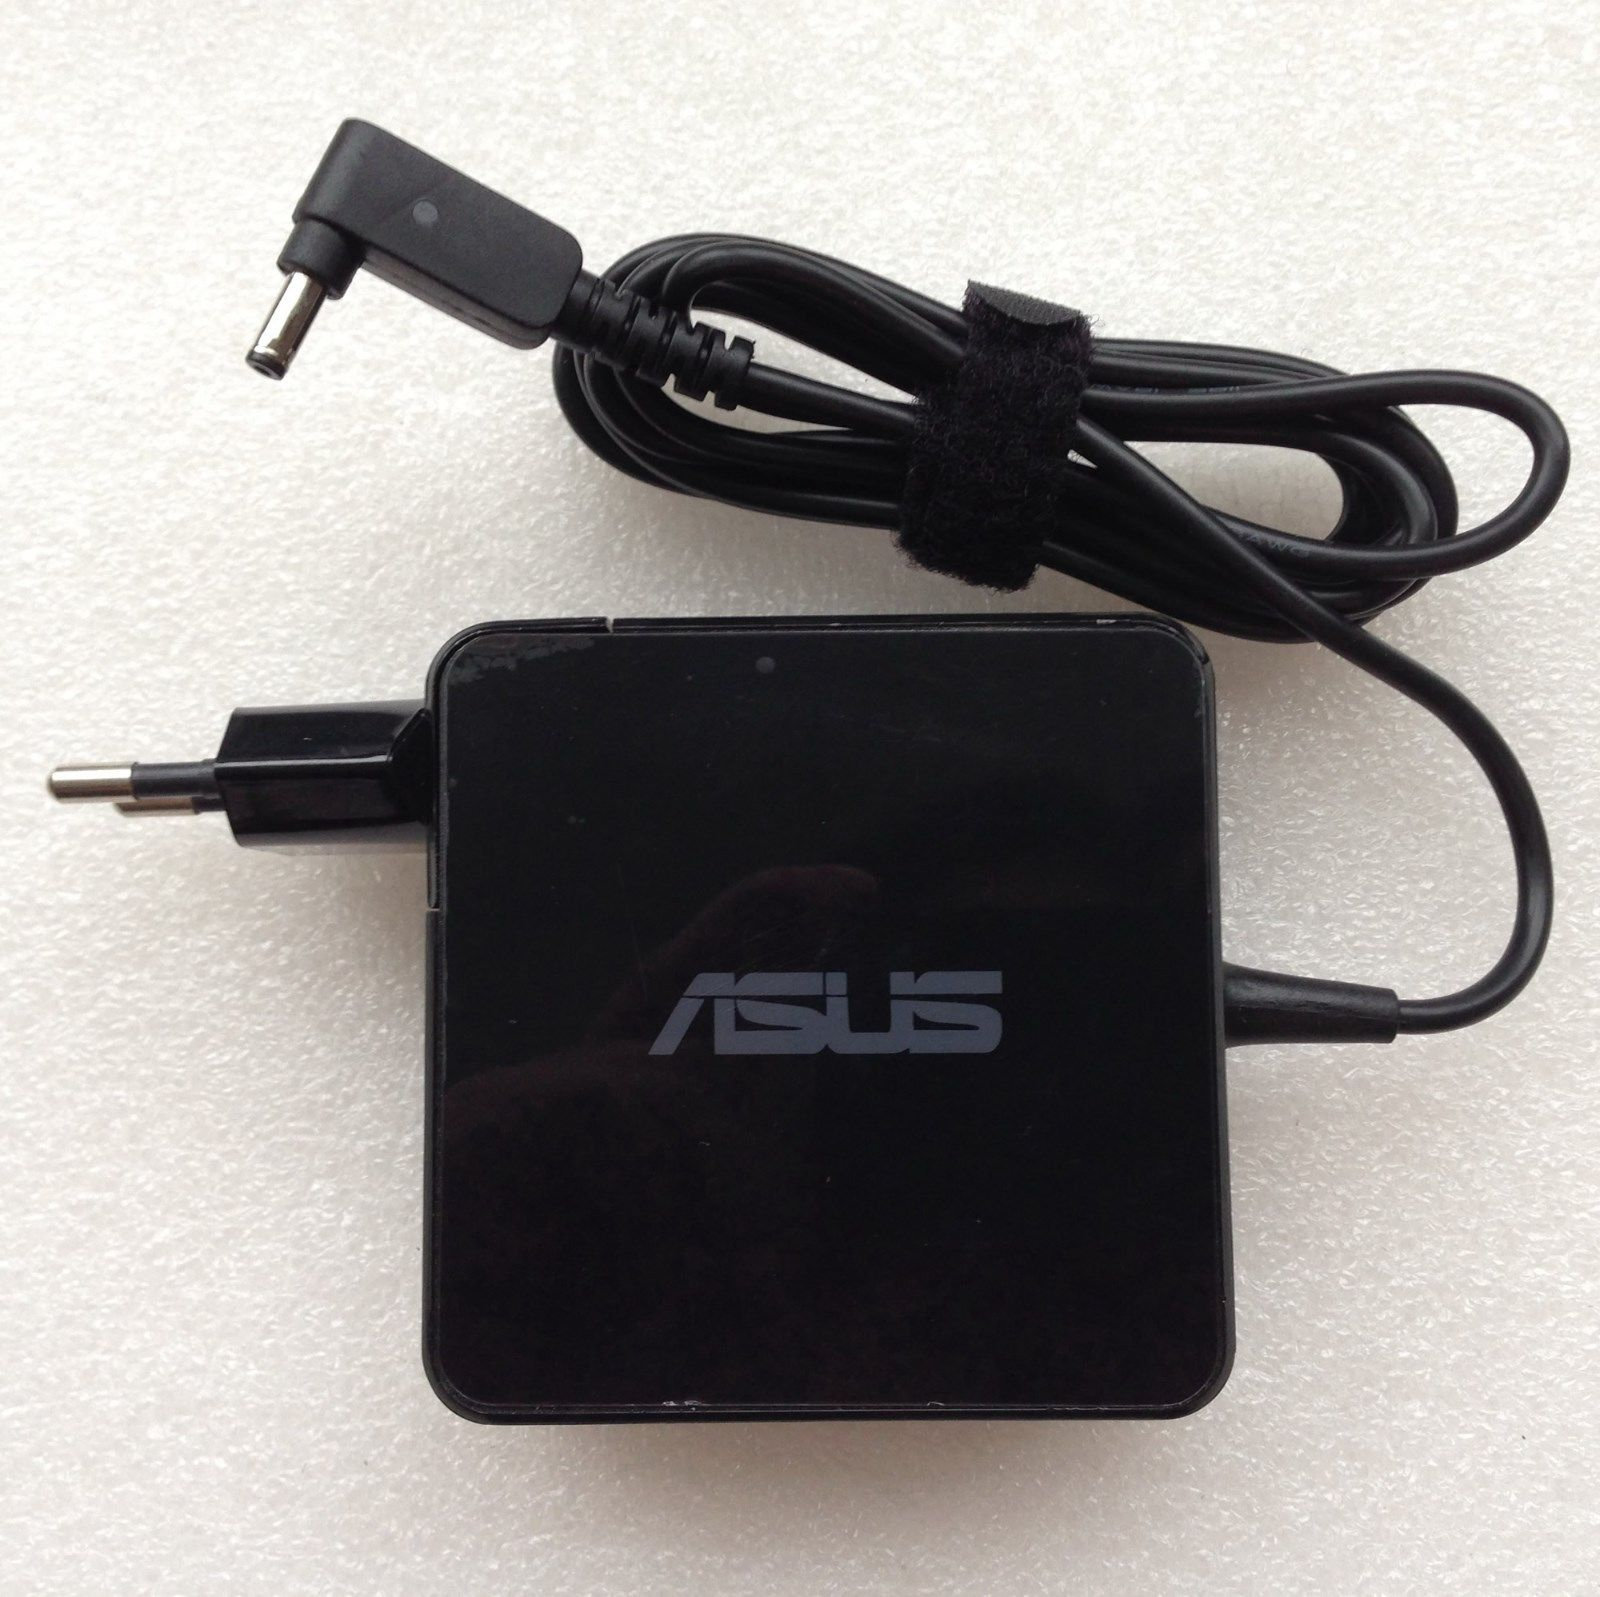 Kết quả hình ảnh cho Sạc Adapter Laptop Asus F554